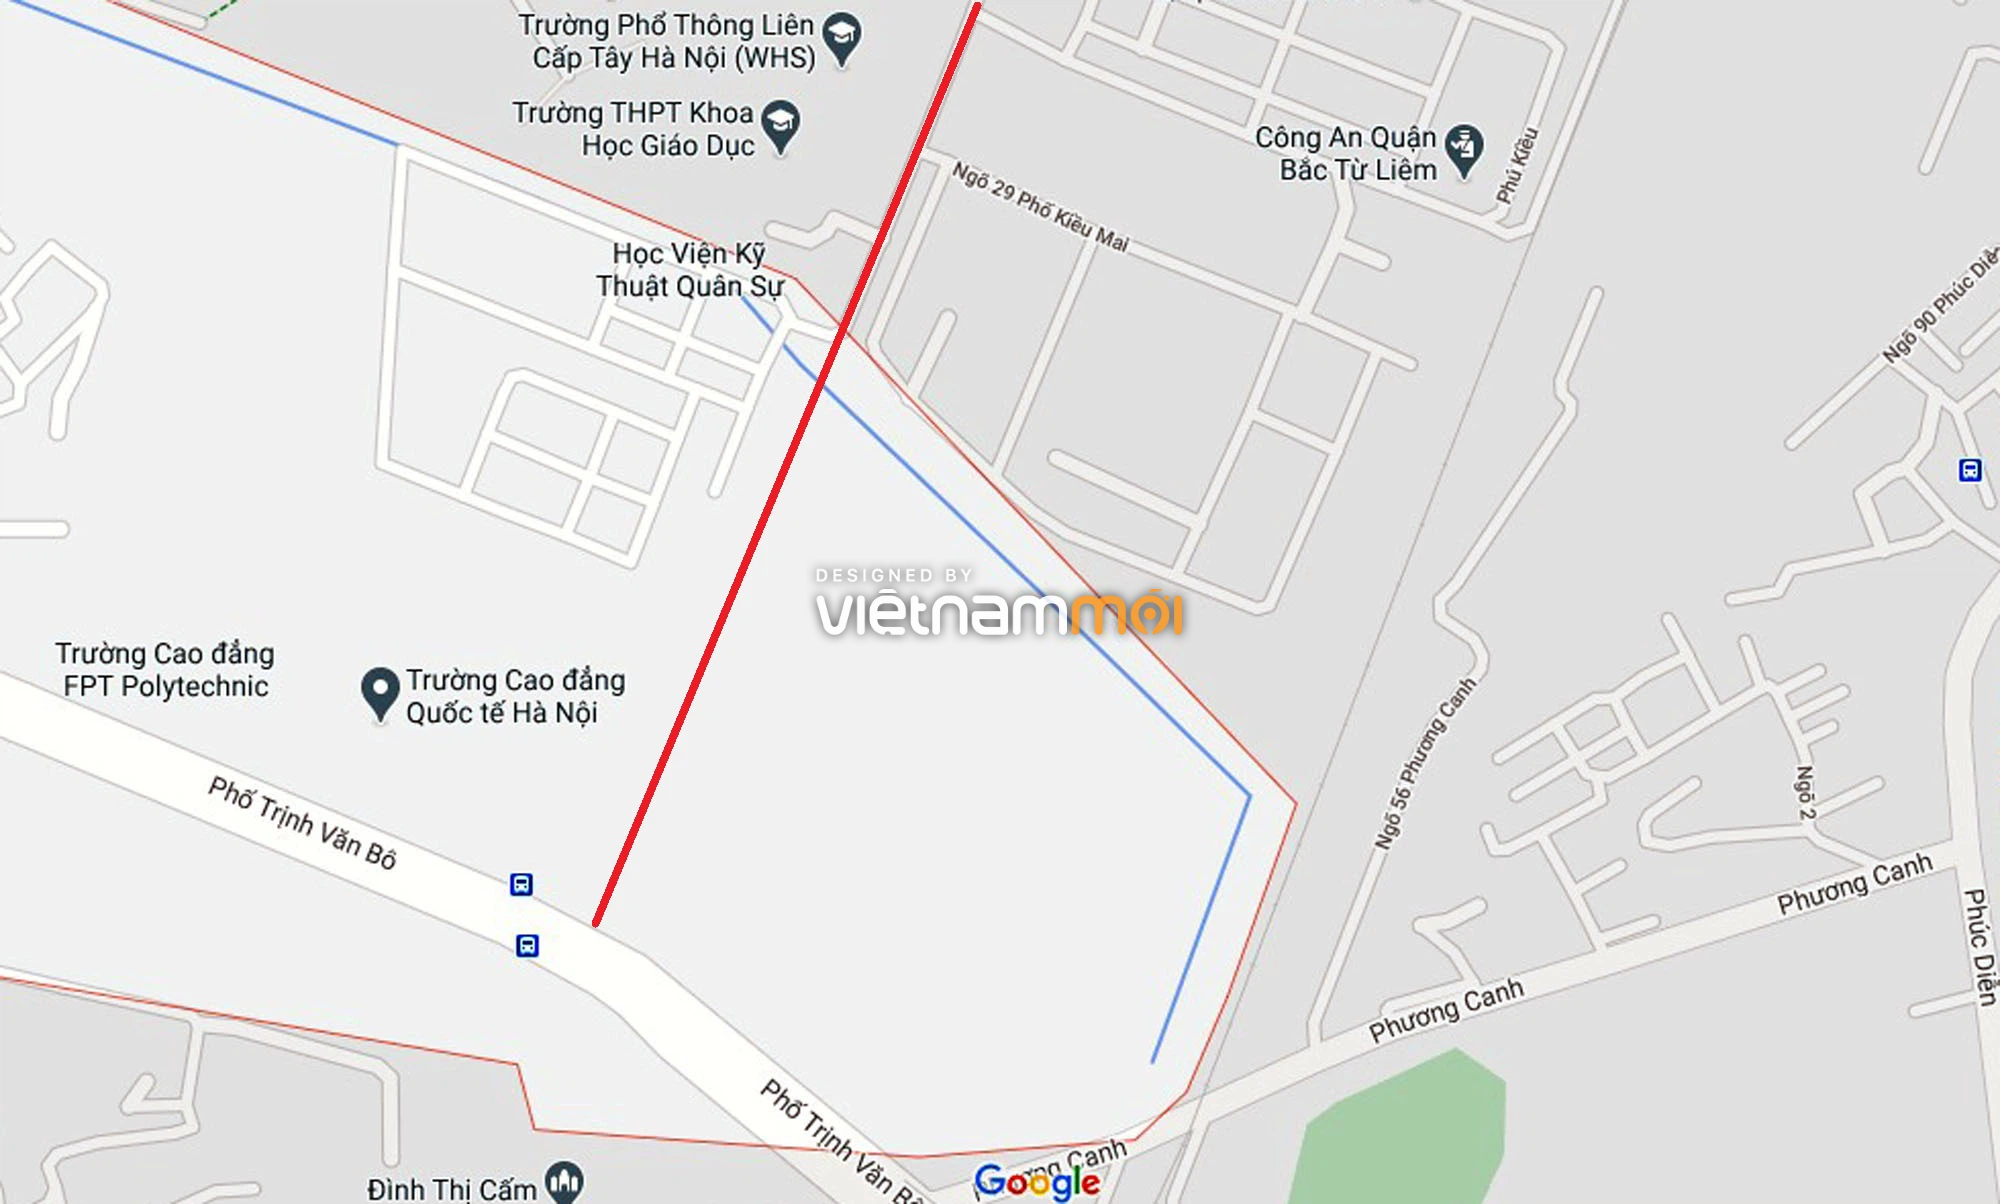 Đường sẽ mở theo quy hoạch ở phường Phương Canh, Nam Từ Liêm, Hà Nội (phần 2) - Ảnh 2.